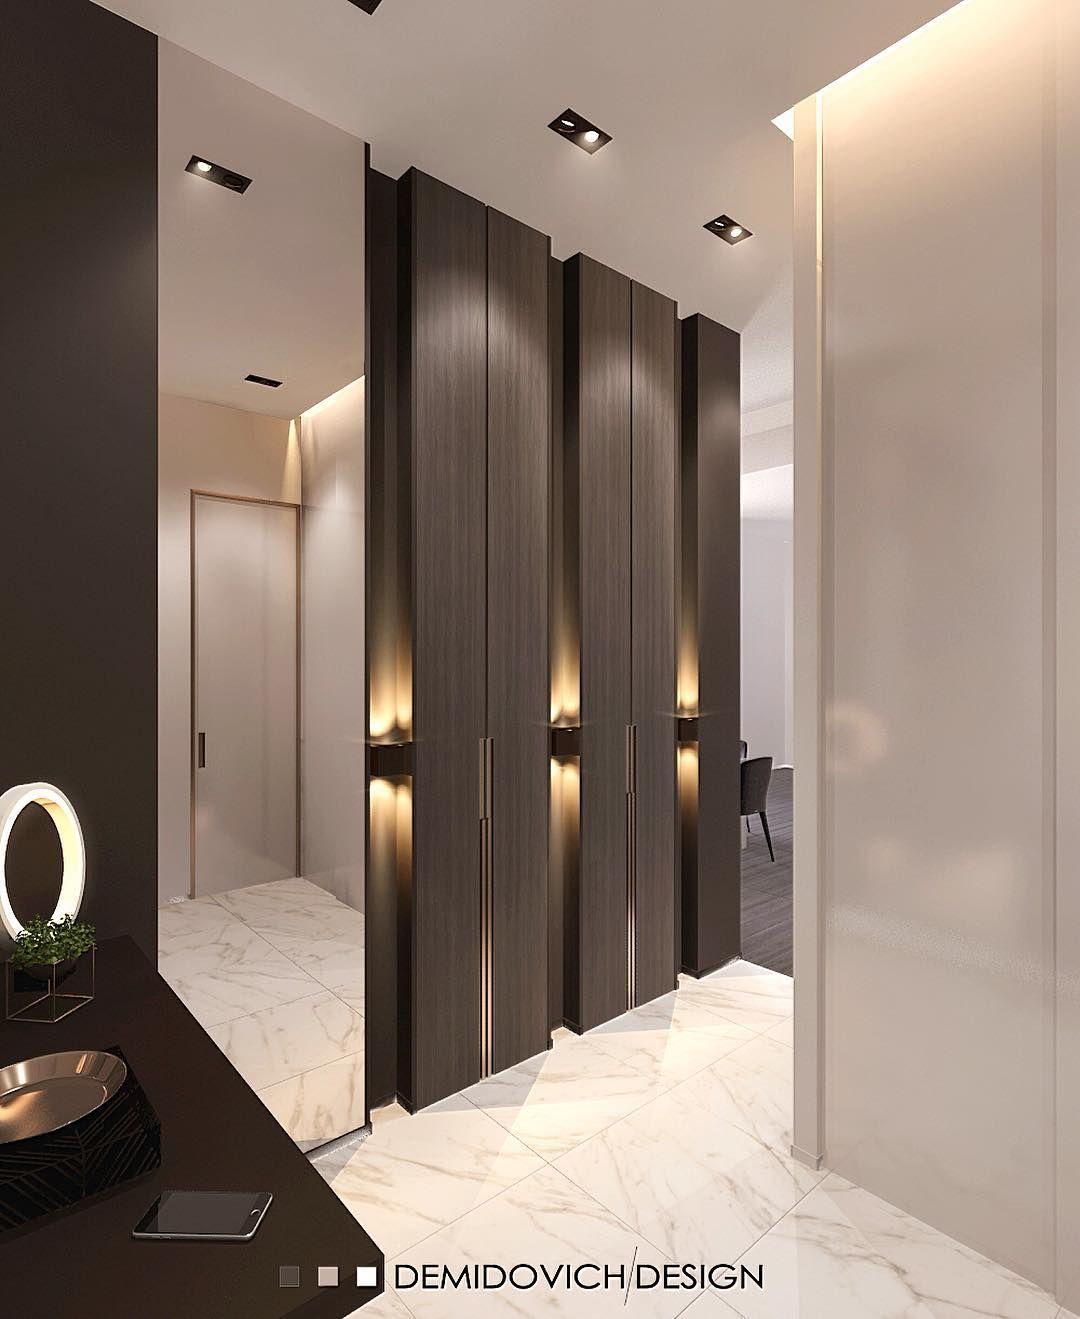 Дизайн квартиры в стиле модерн +80 фото интерьера